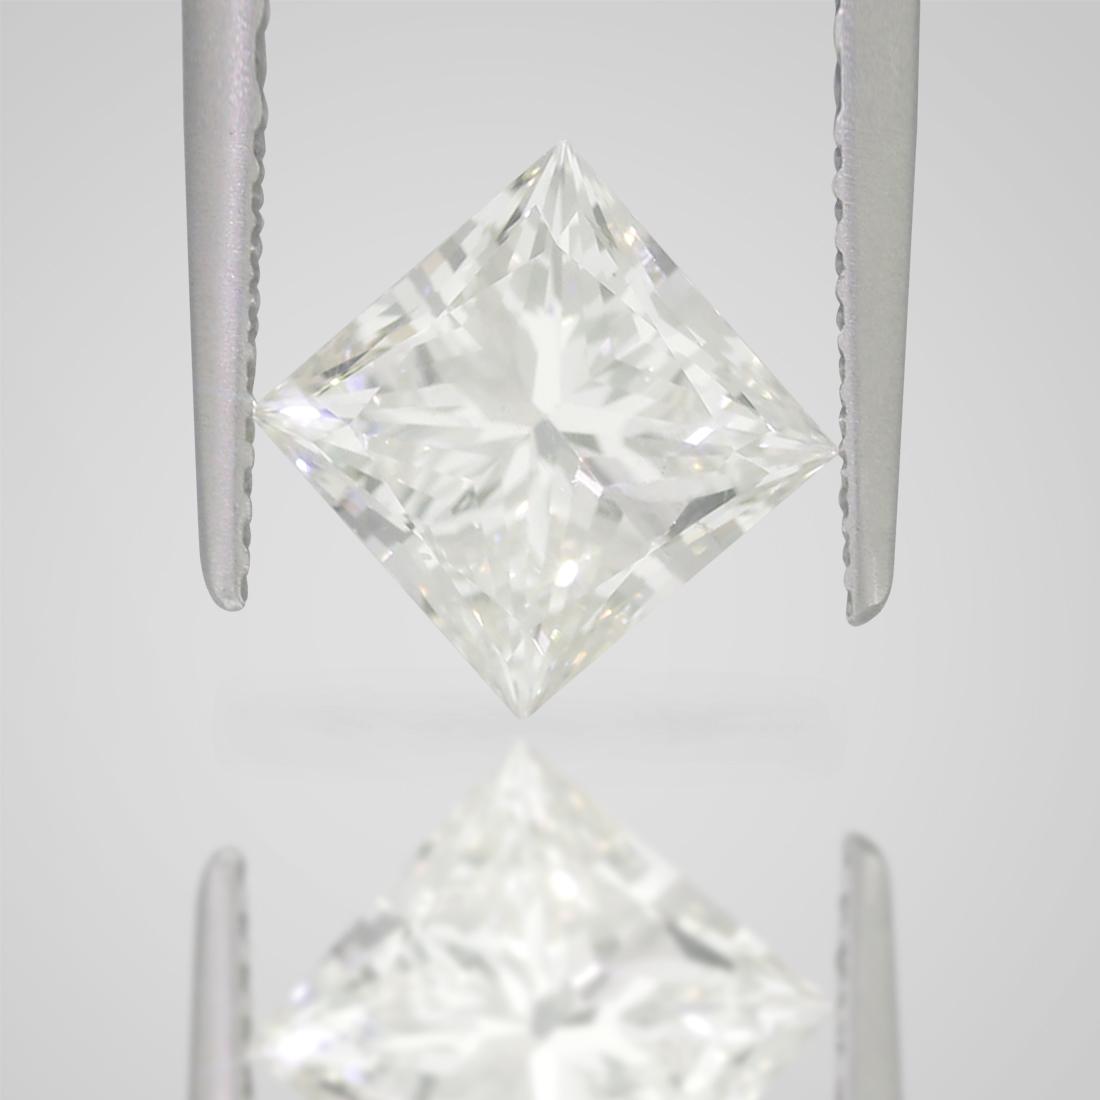 2 CARAT G COLOR SI1 CLARITY PRINCESS CUT NATURAL LOOSE DIAMOND